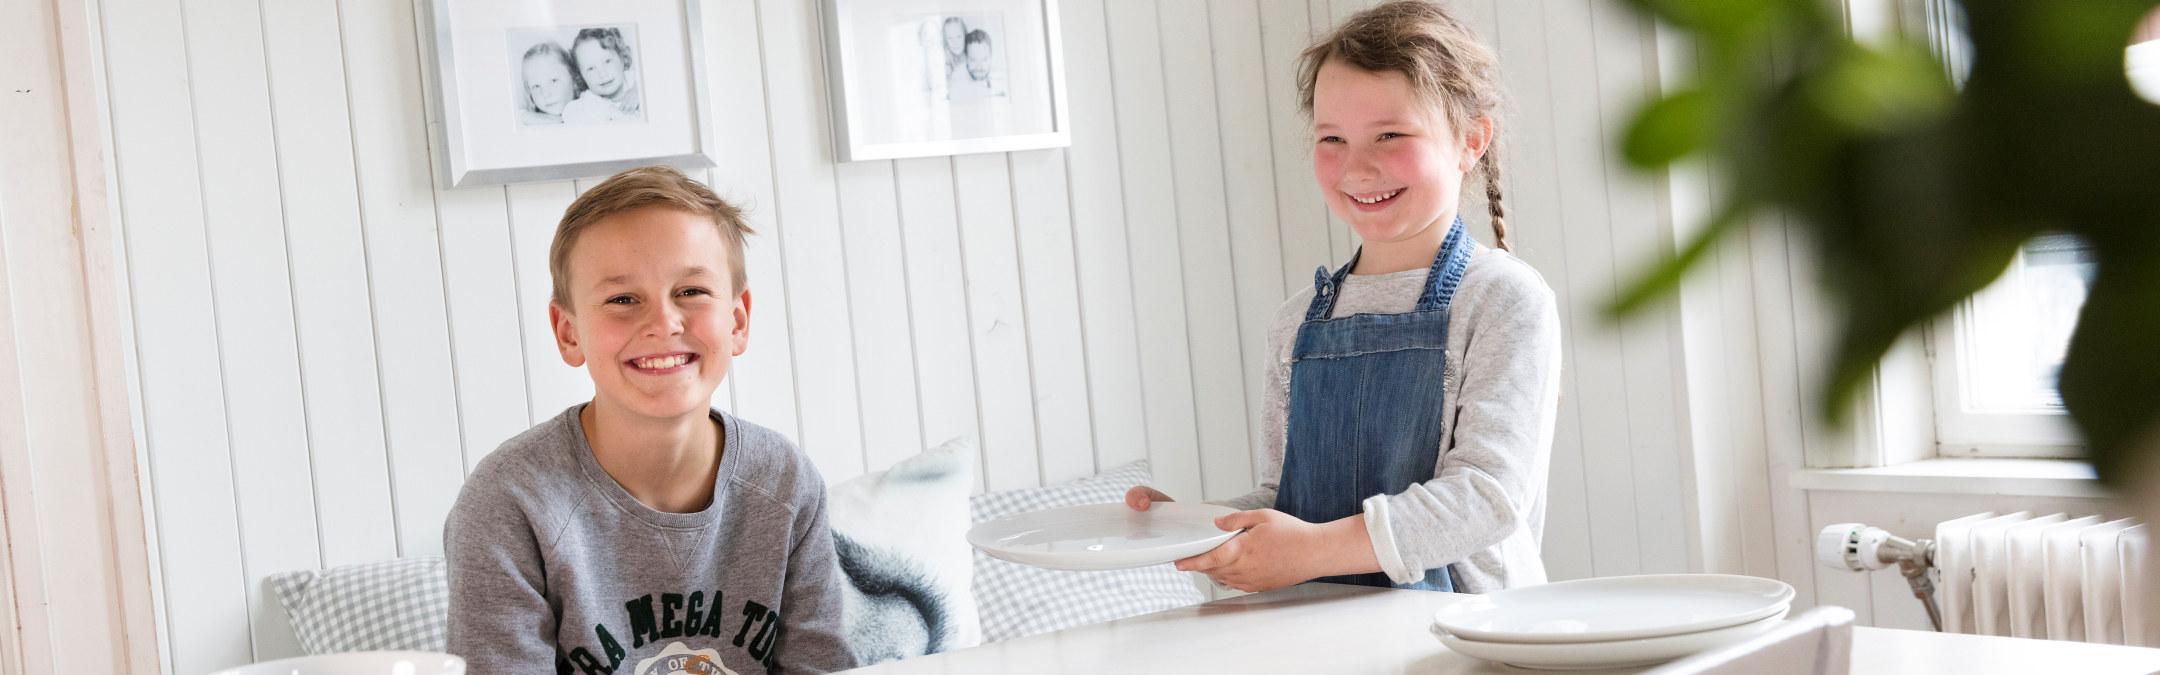 Barn som dekker på til middag på kjøkkenet